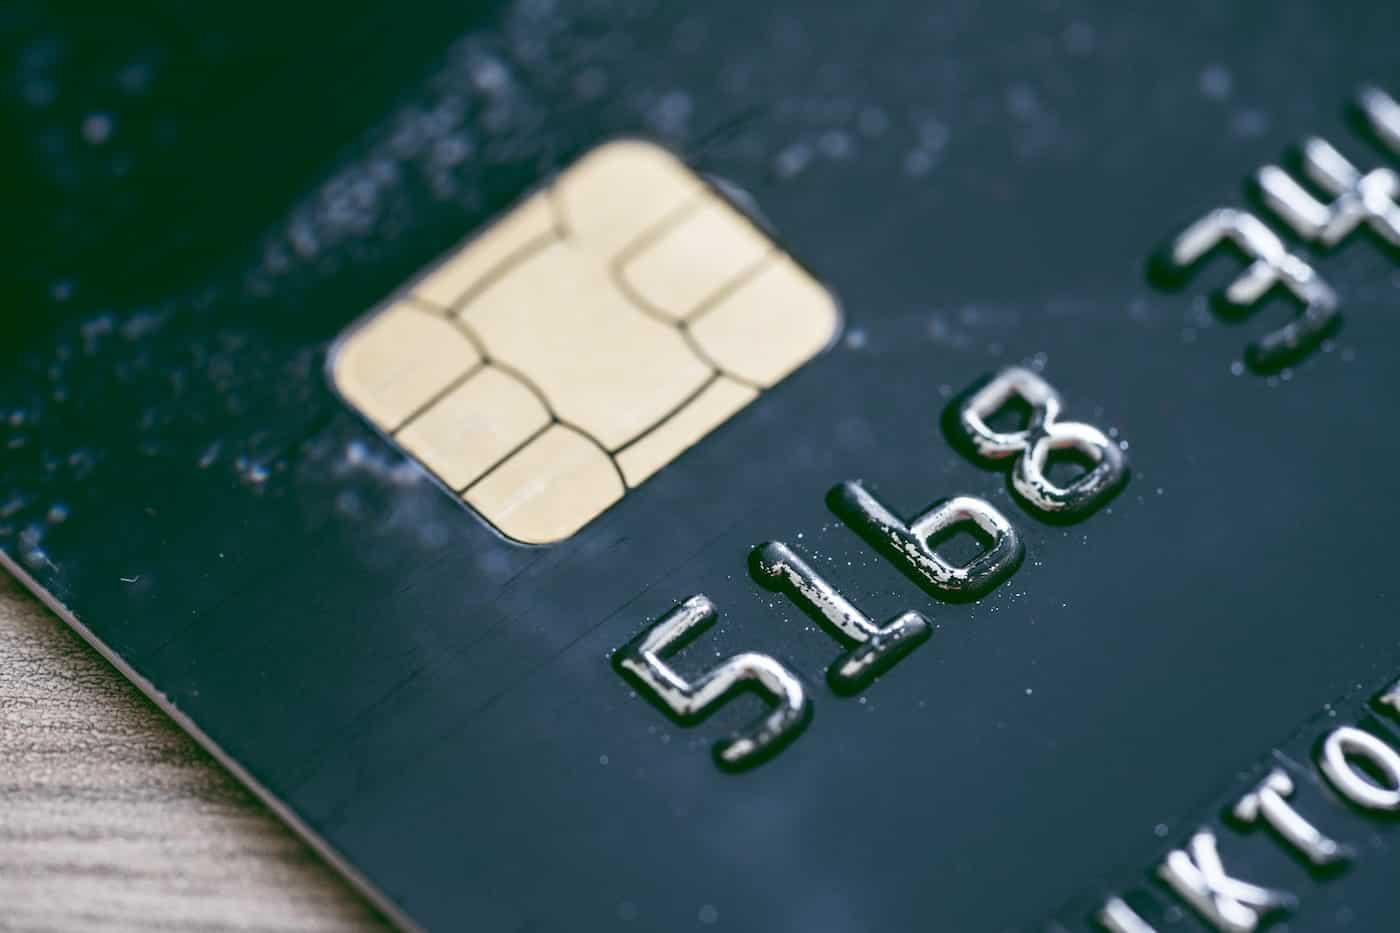 Bank Credit Card Close Up